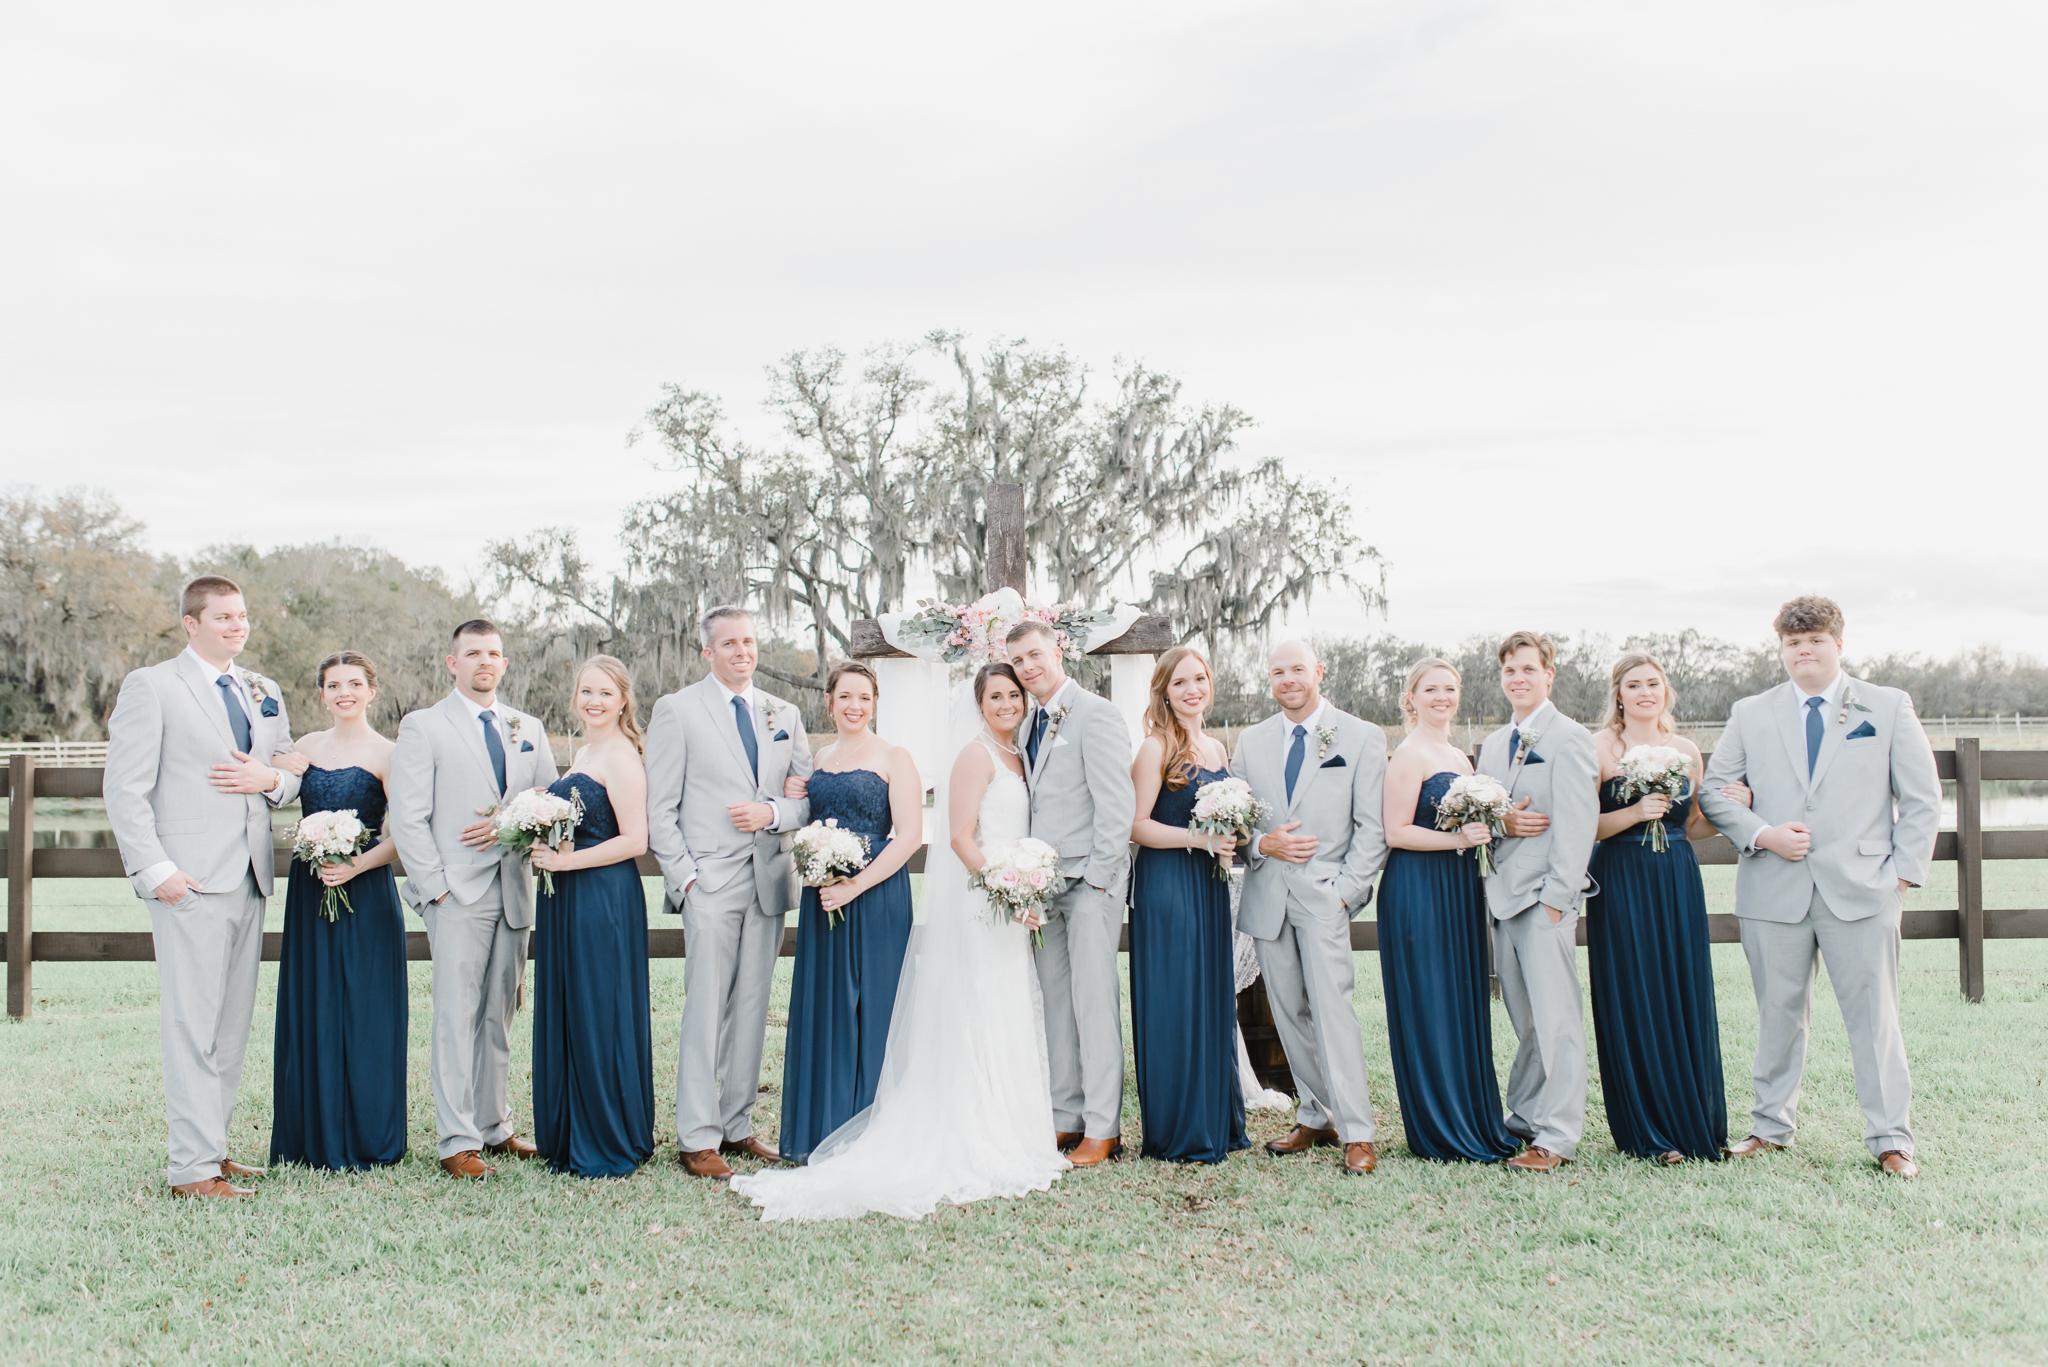 Courtney+Sean Wedding-WG-638.jpg